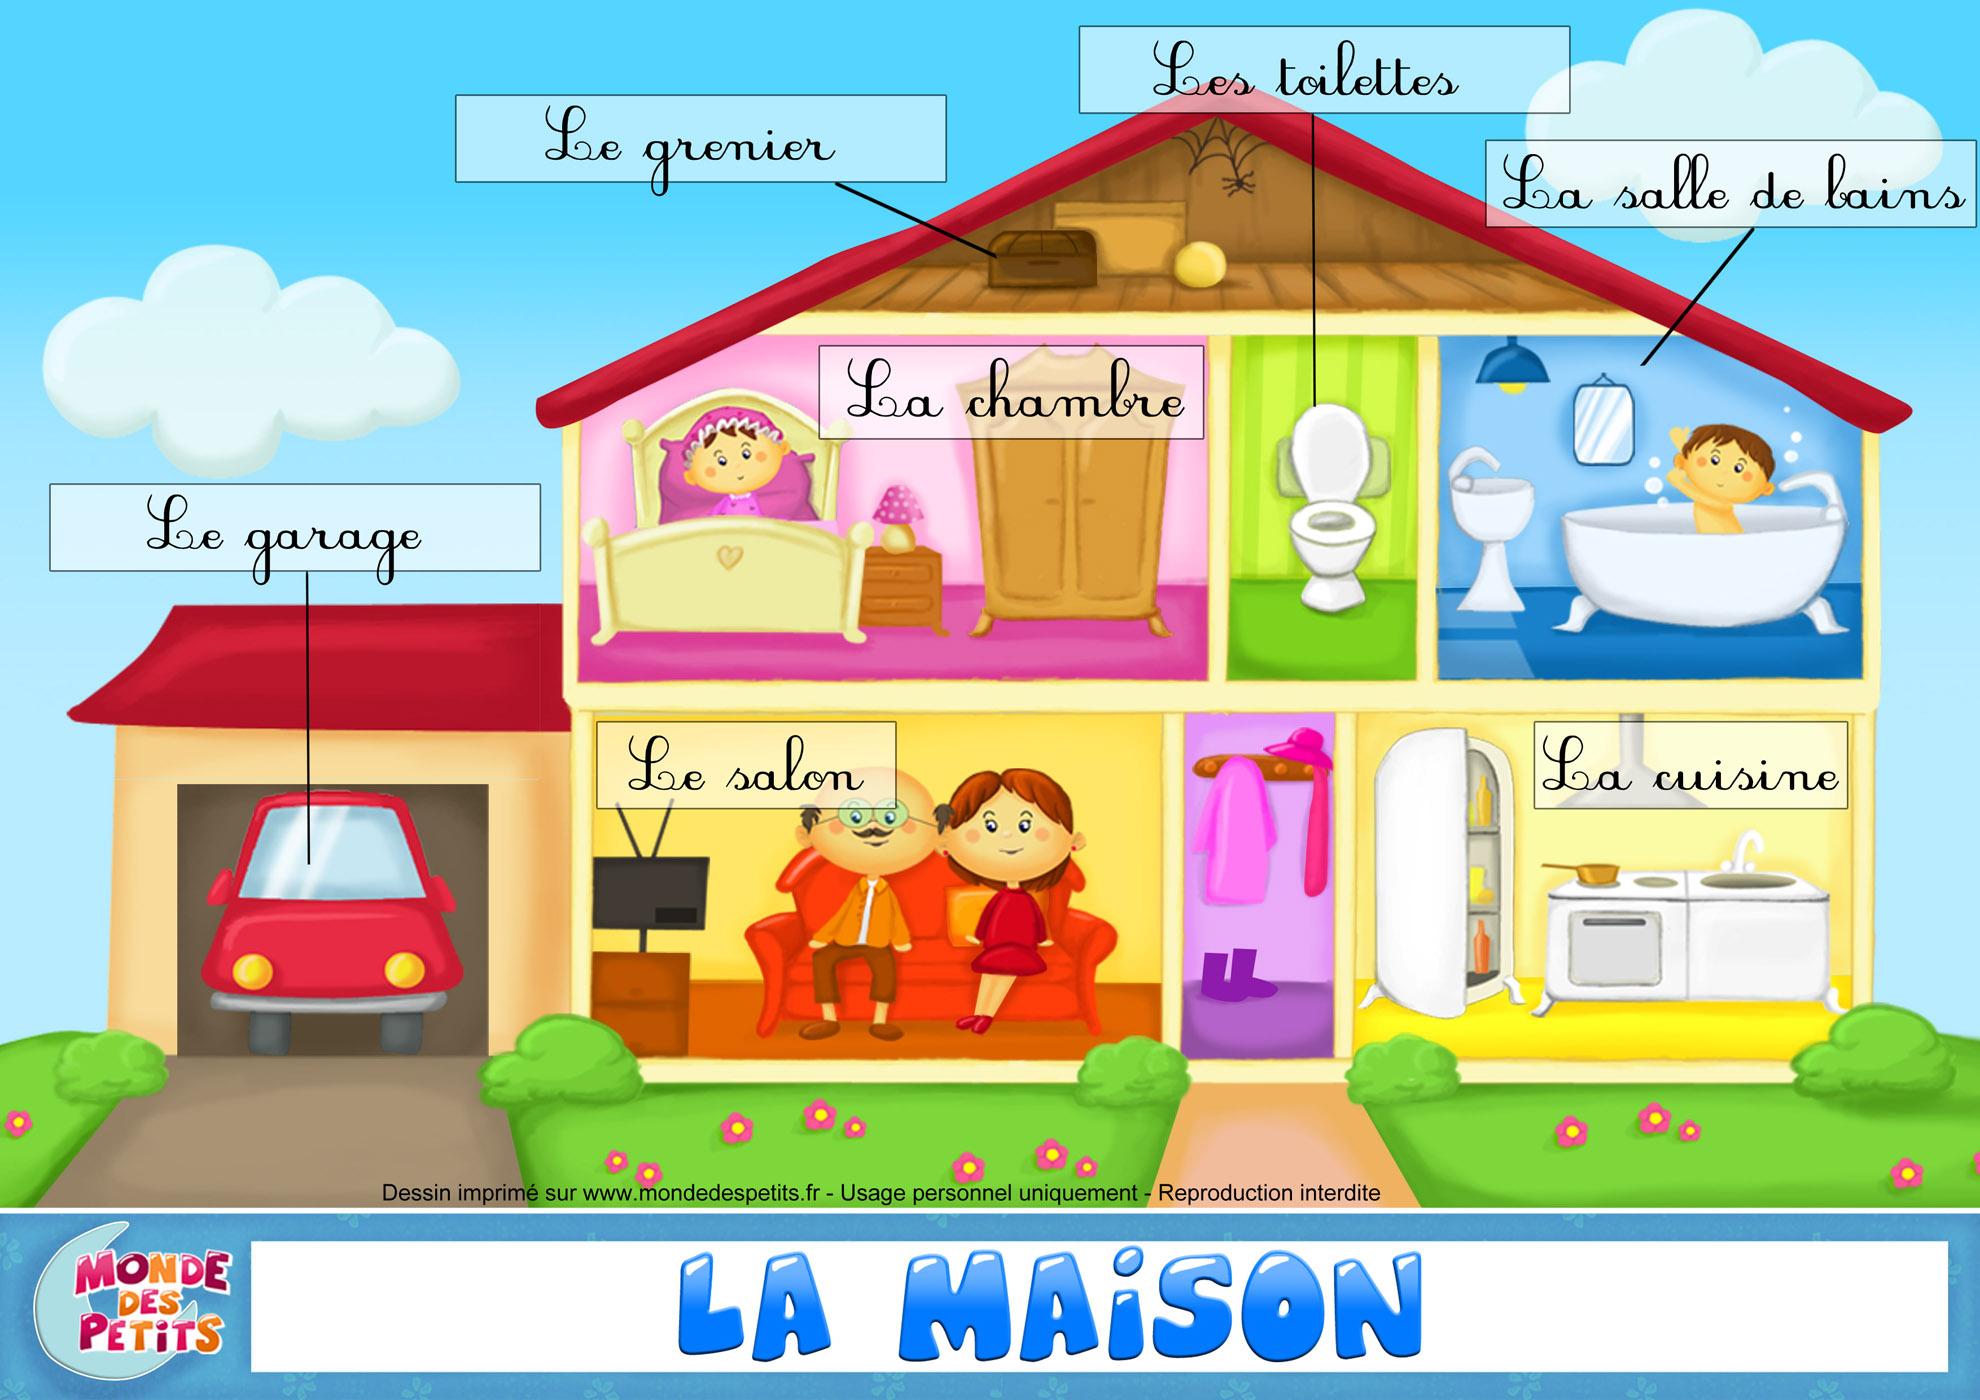 Anglais vocabulaire maison segu maison for Anglais vocabulaire maison